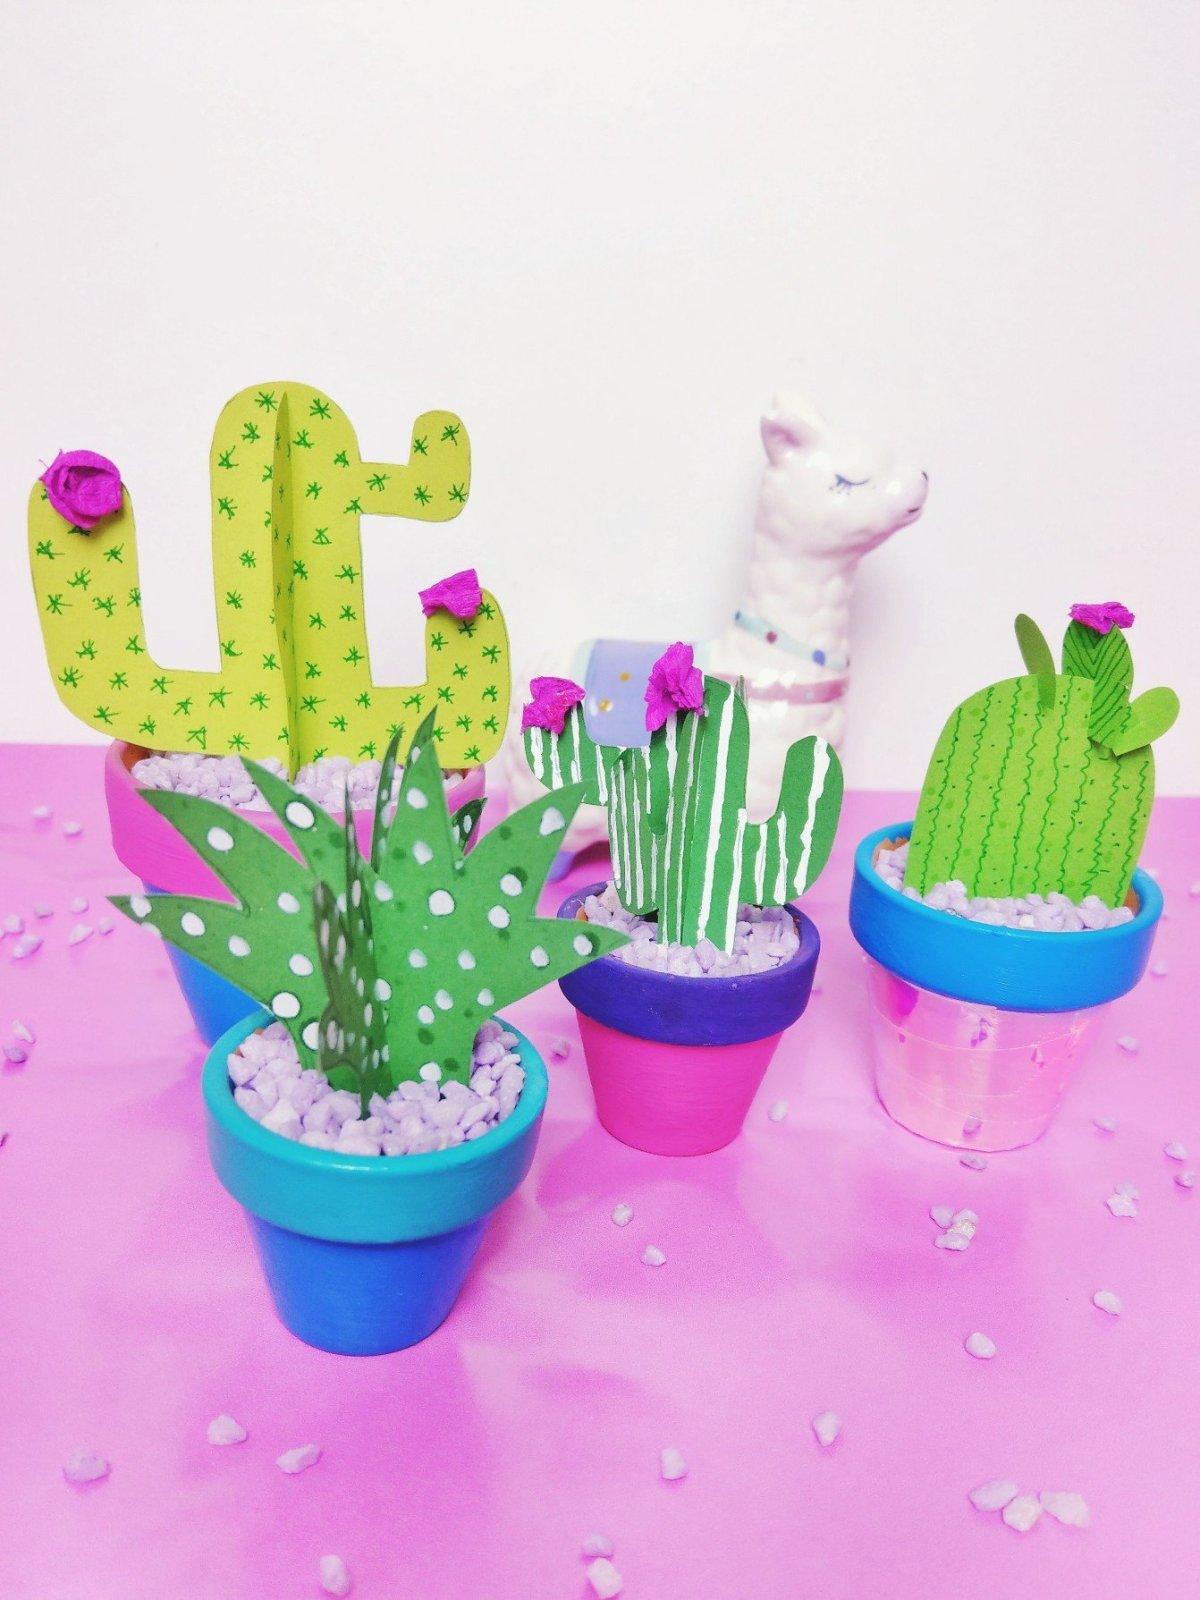 Heute zeige ich euch, wie ihr einen Kaktus aus Papier basteln könnt. Kakteen sind wirklich eine schöne Deko im Sommer. DIY Schritt für Schritt Anleitung. Schnell und einfach.